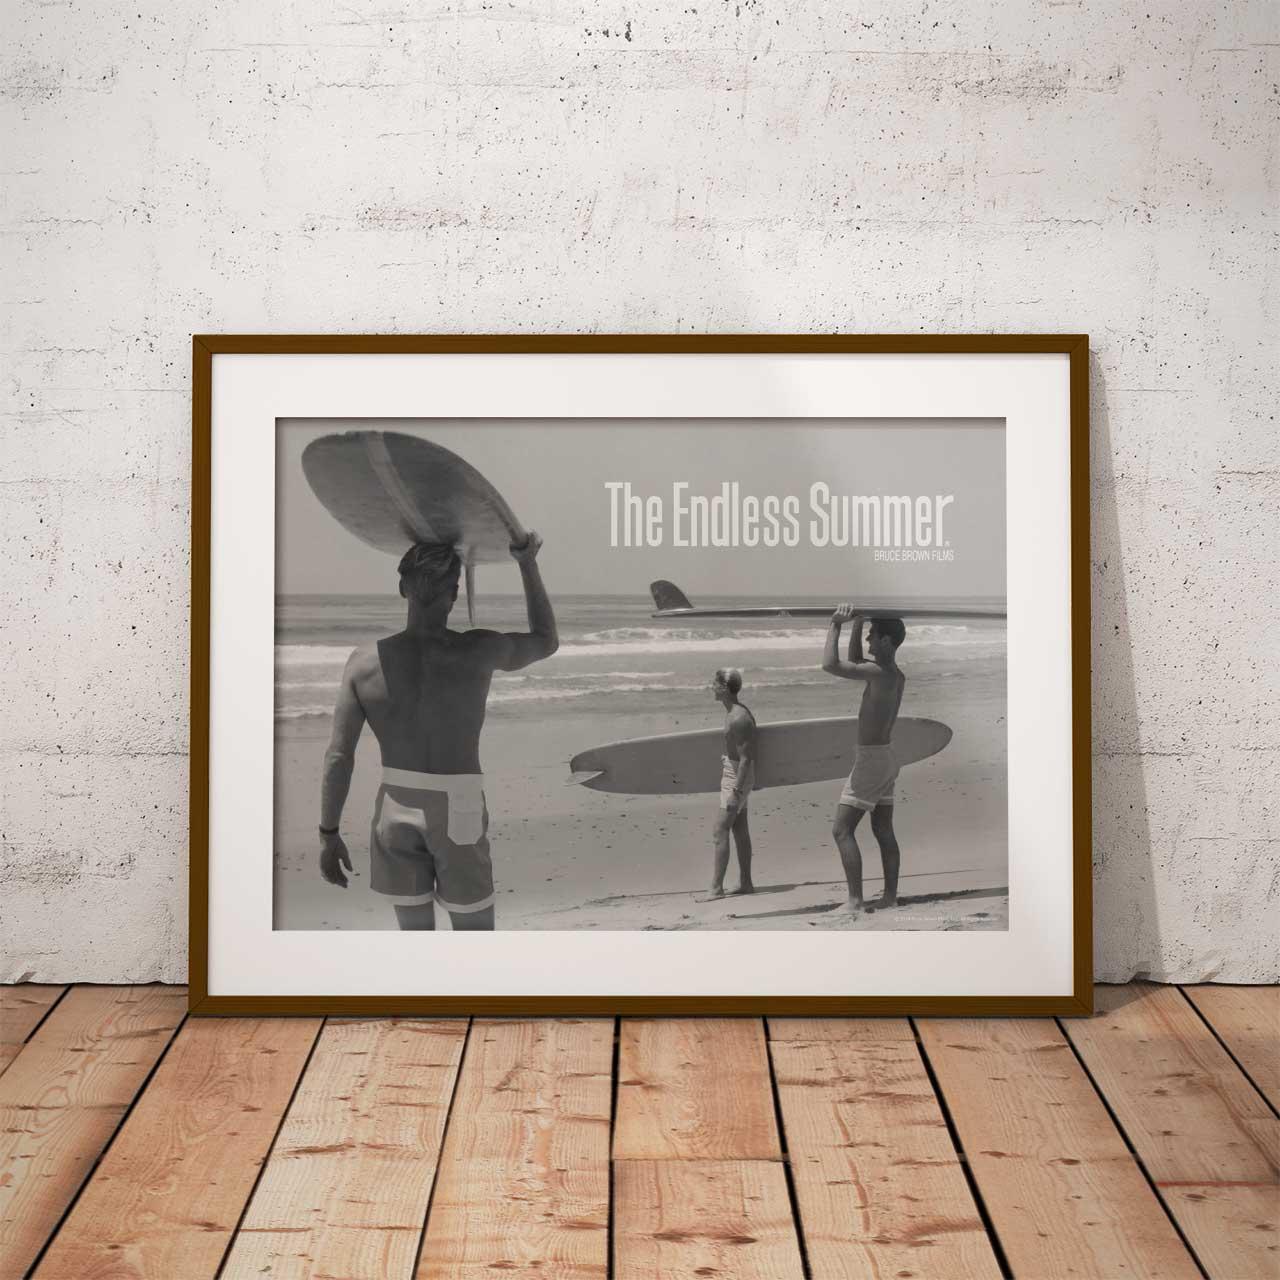 【ブルース・ブラウンフィルム】A3ポスター・The Endless Summer (エンドレスサマー)・モノ1